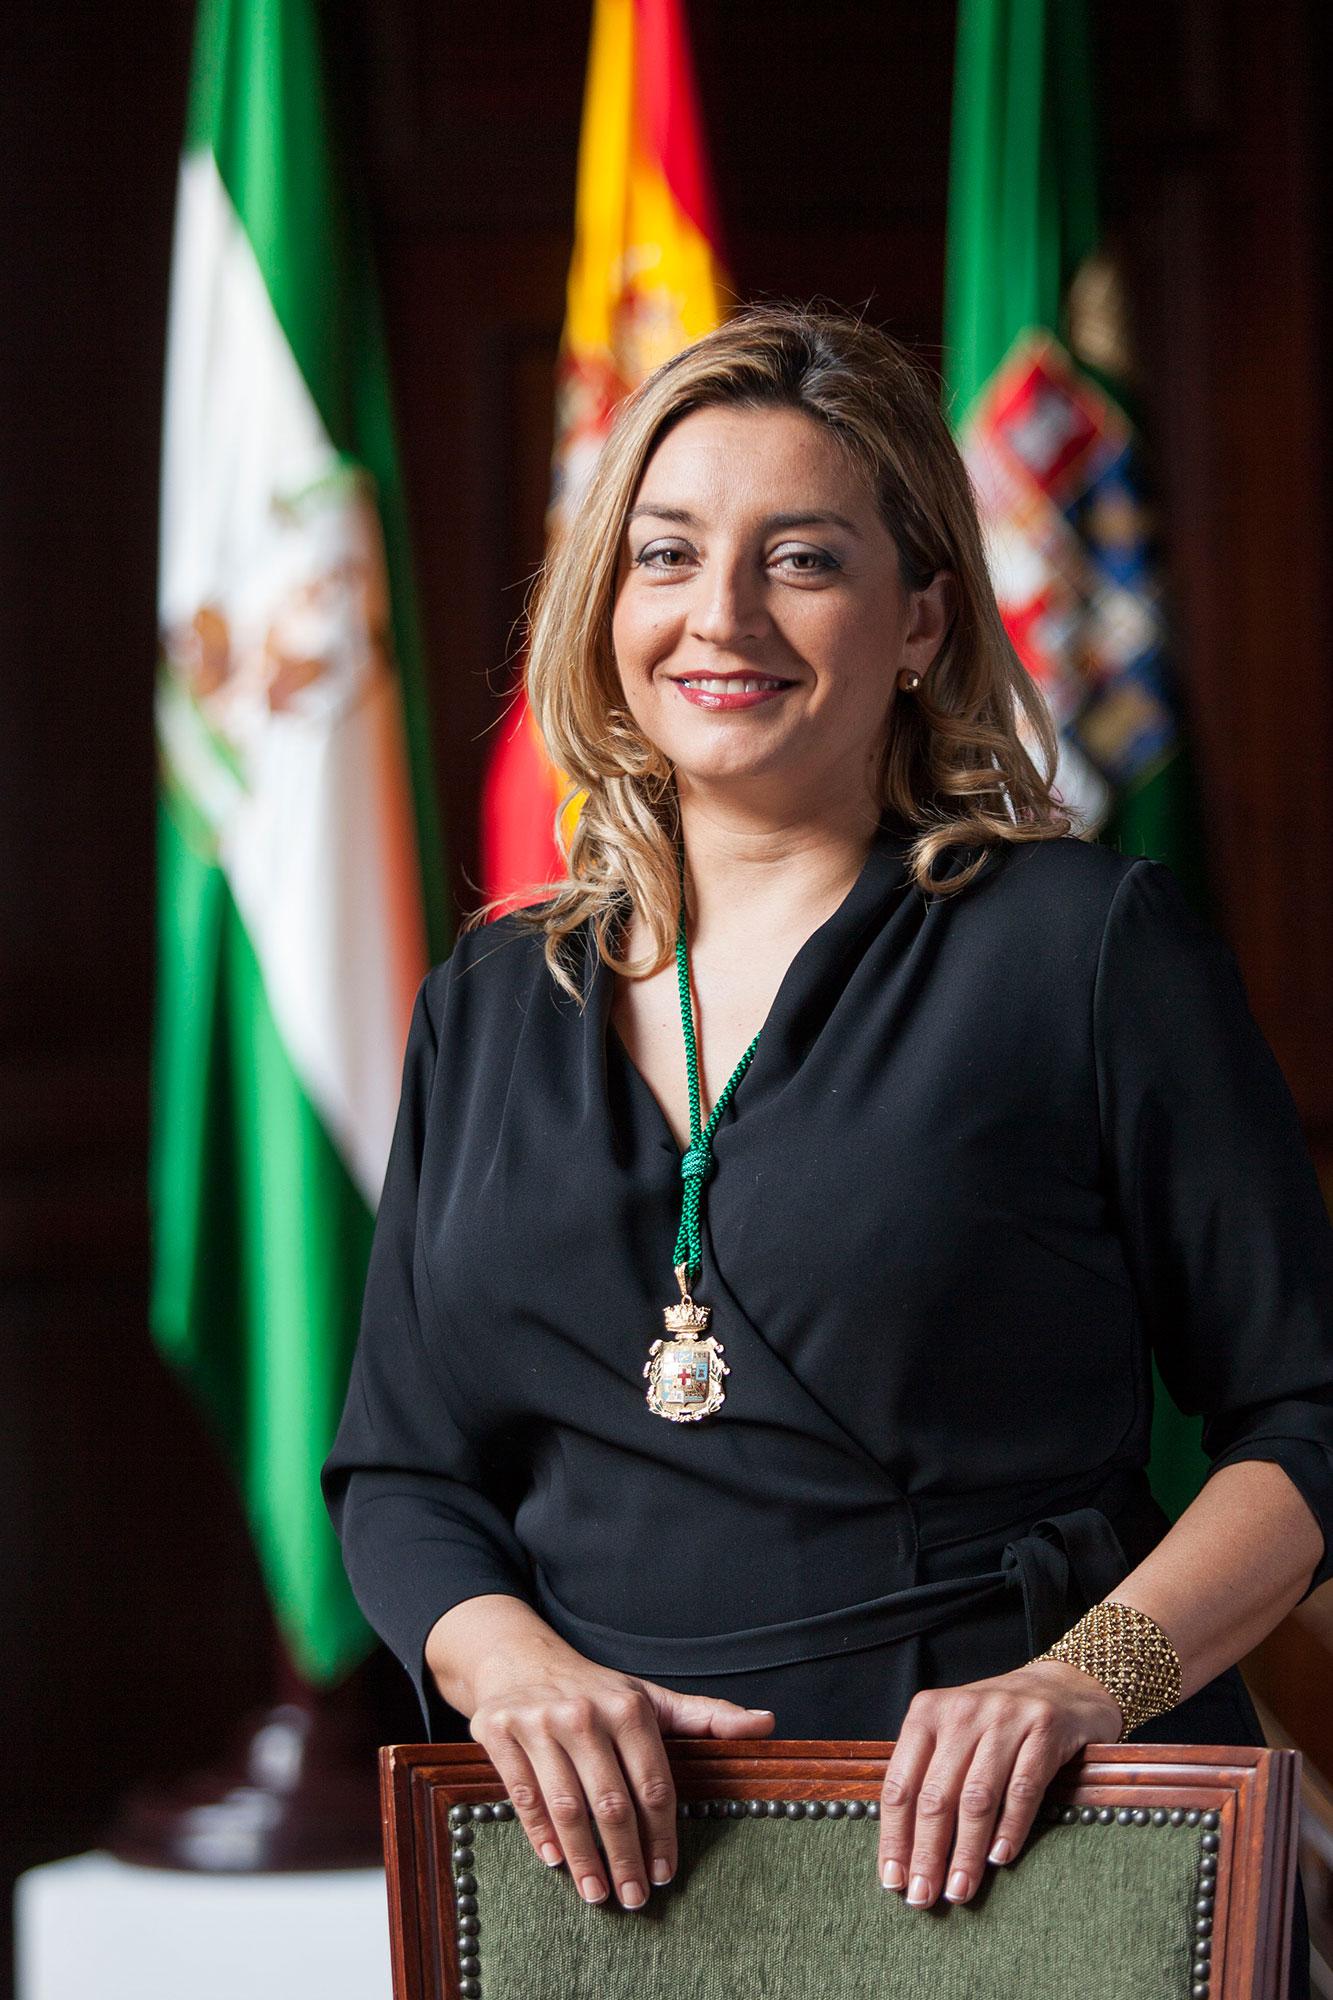 María del Mar López Asensio